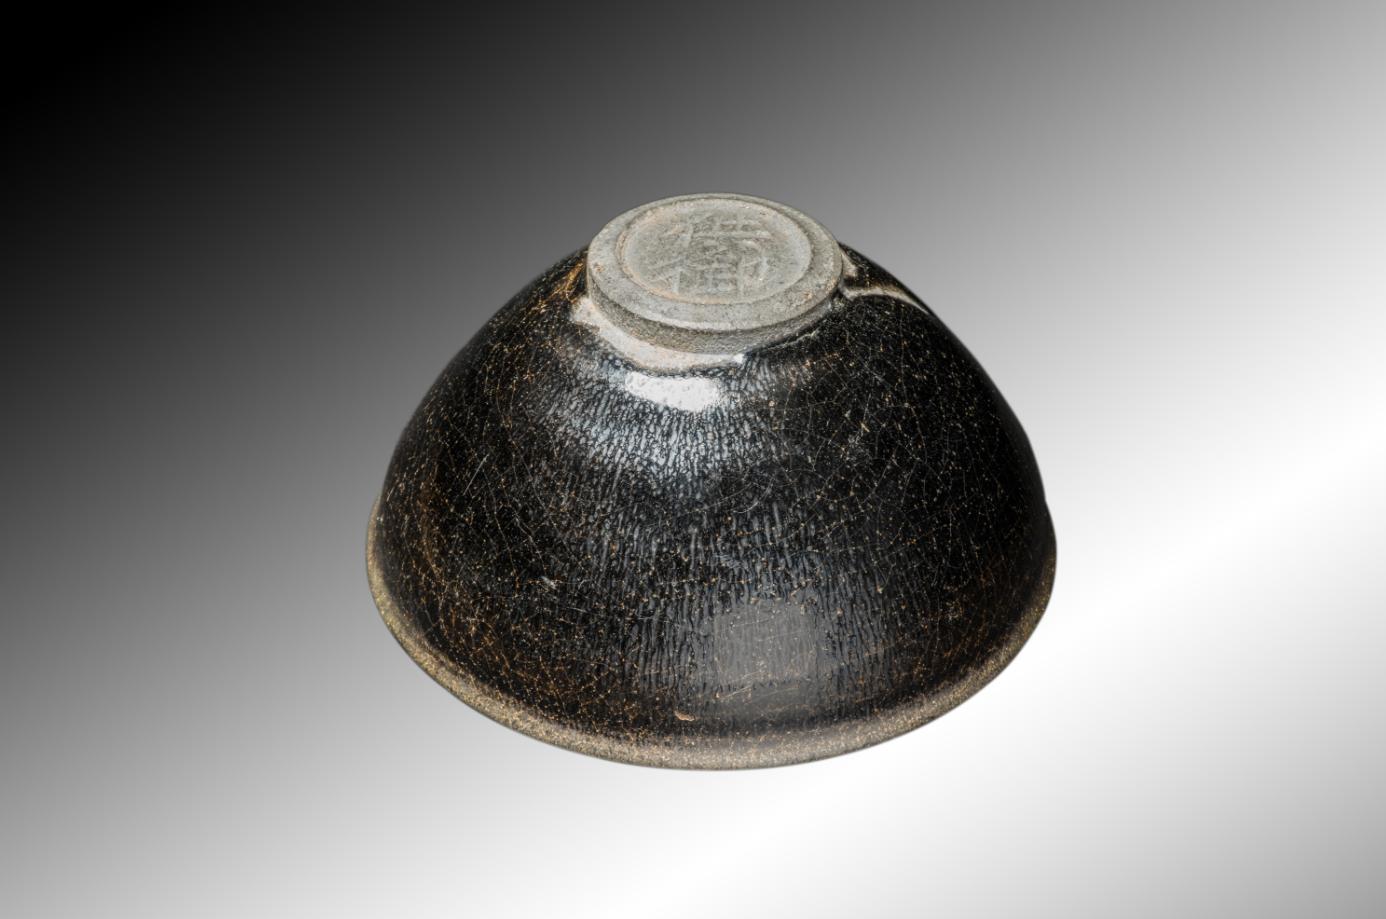 惊!建阳水吉宋代窑址竟然挖掘出这么多汉族传统名瓷建盏